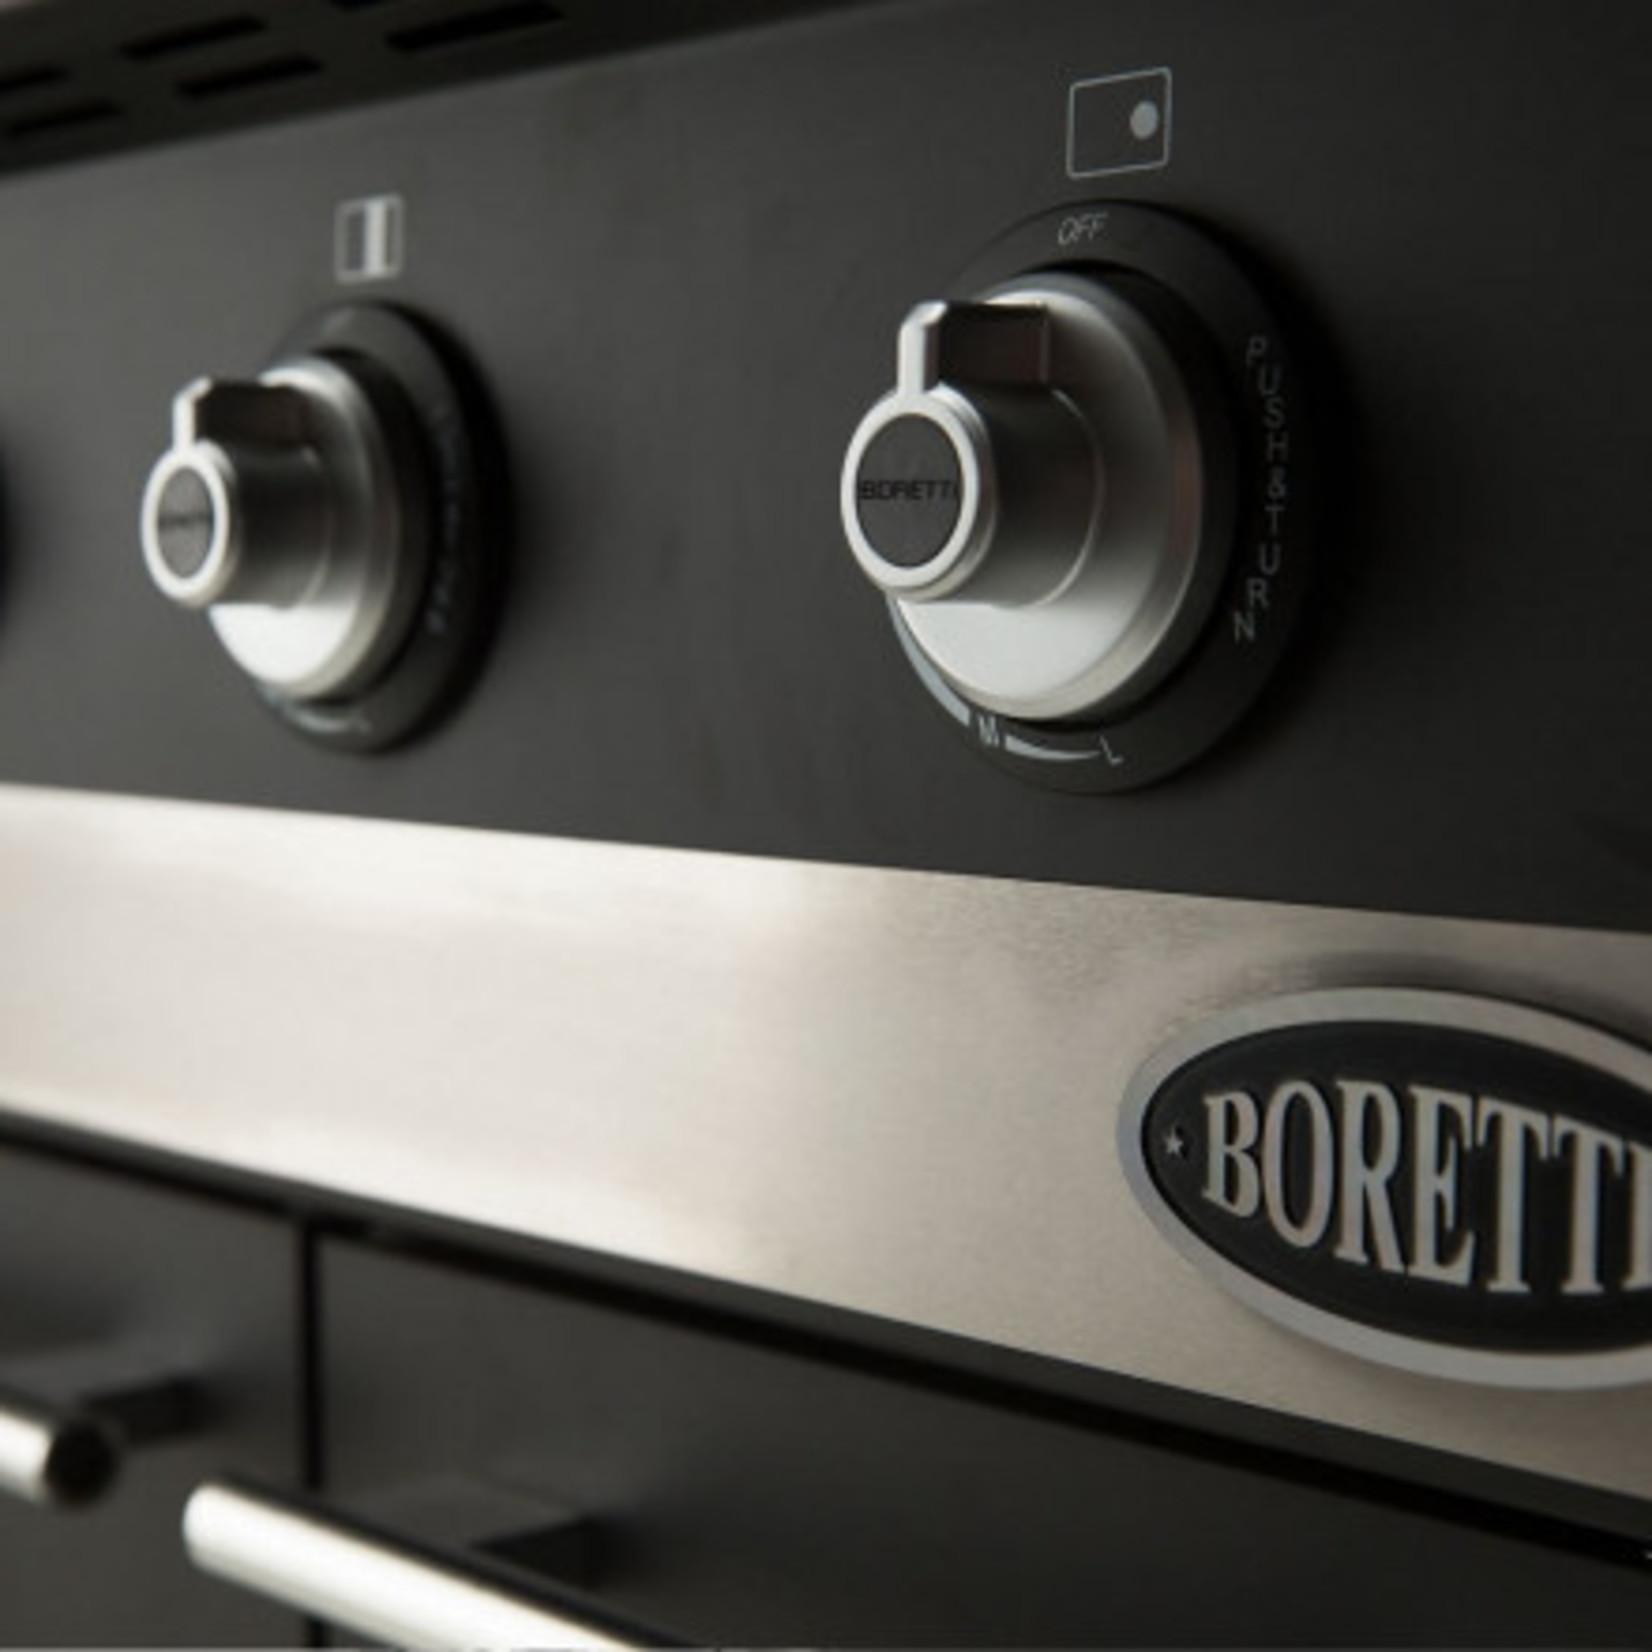 Boretti Boretti Ibrido gas/houtskool